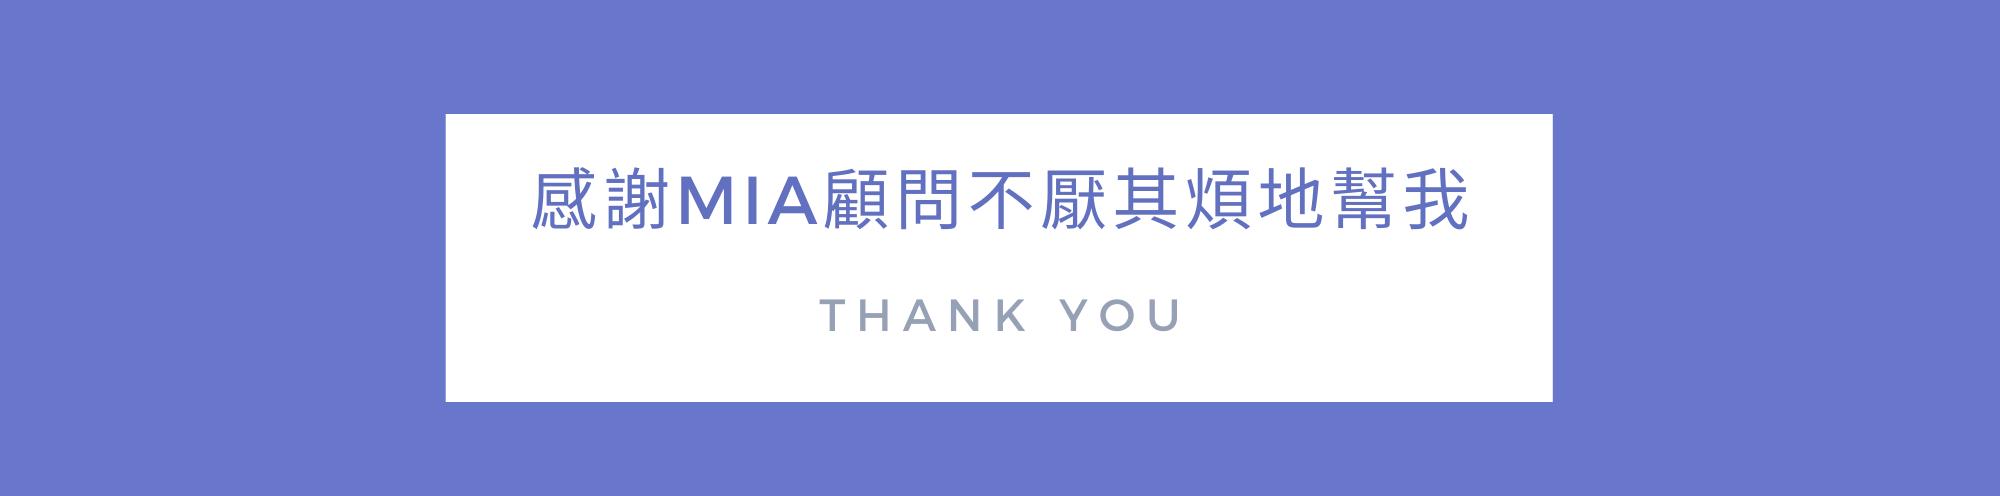 吳孟軒-TOEIC915:感謝Mia顧問不厭其煩地幫我